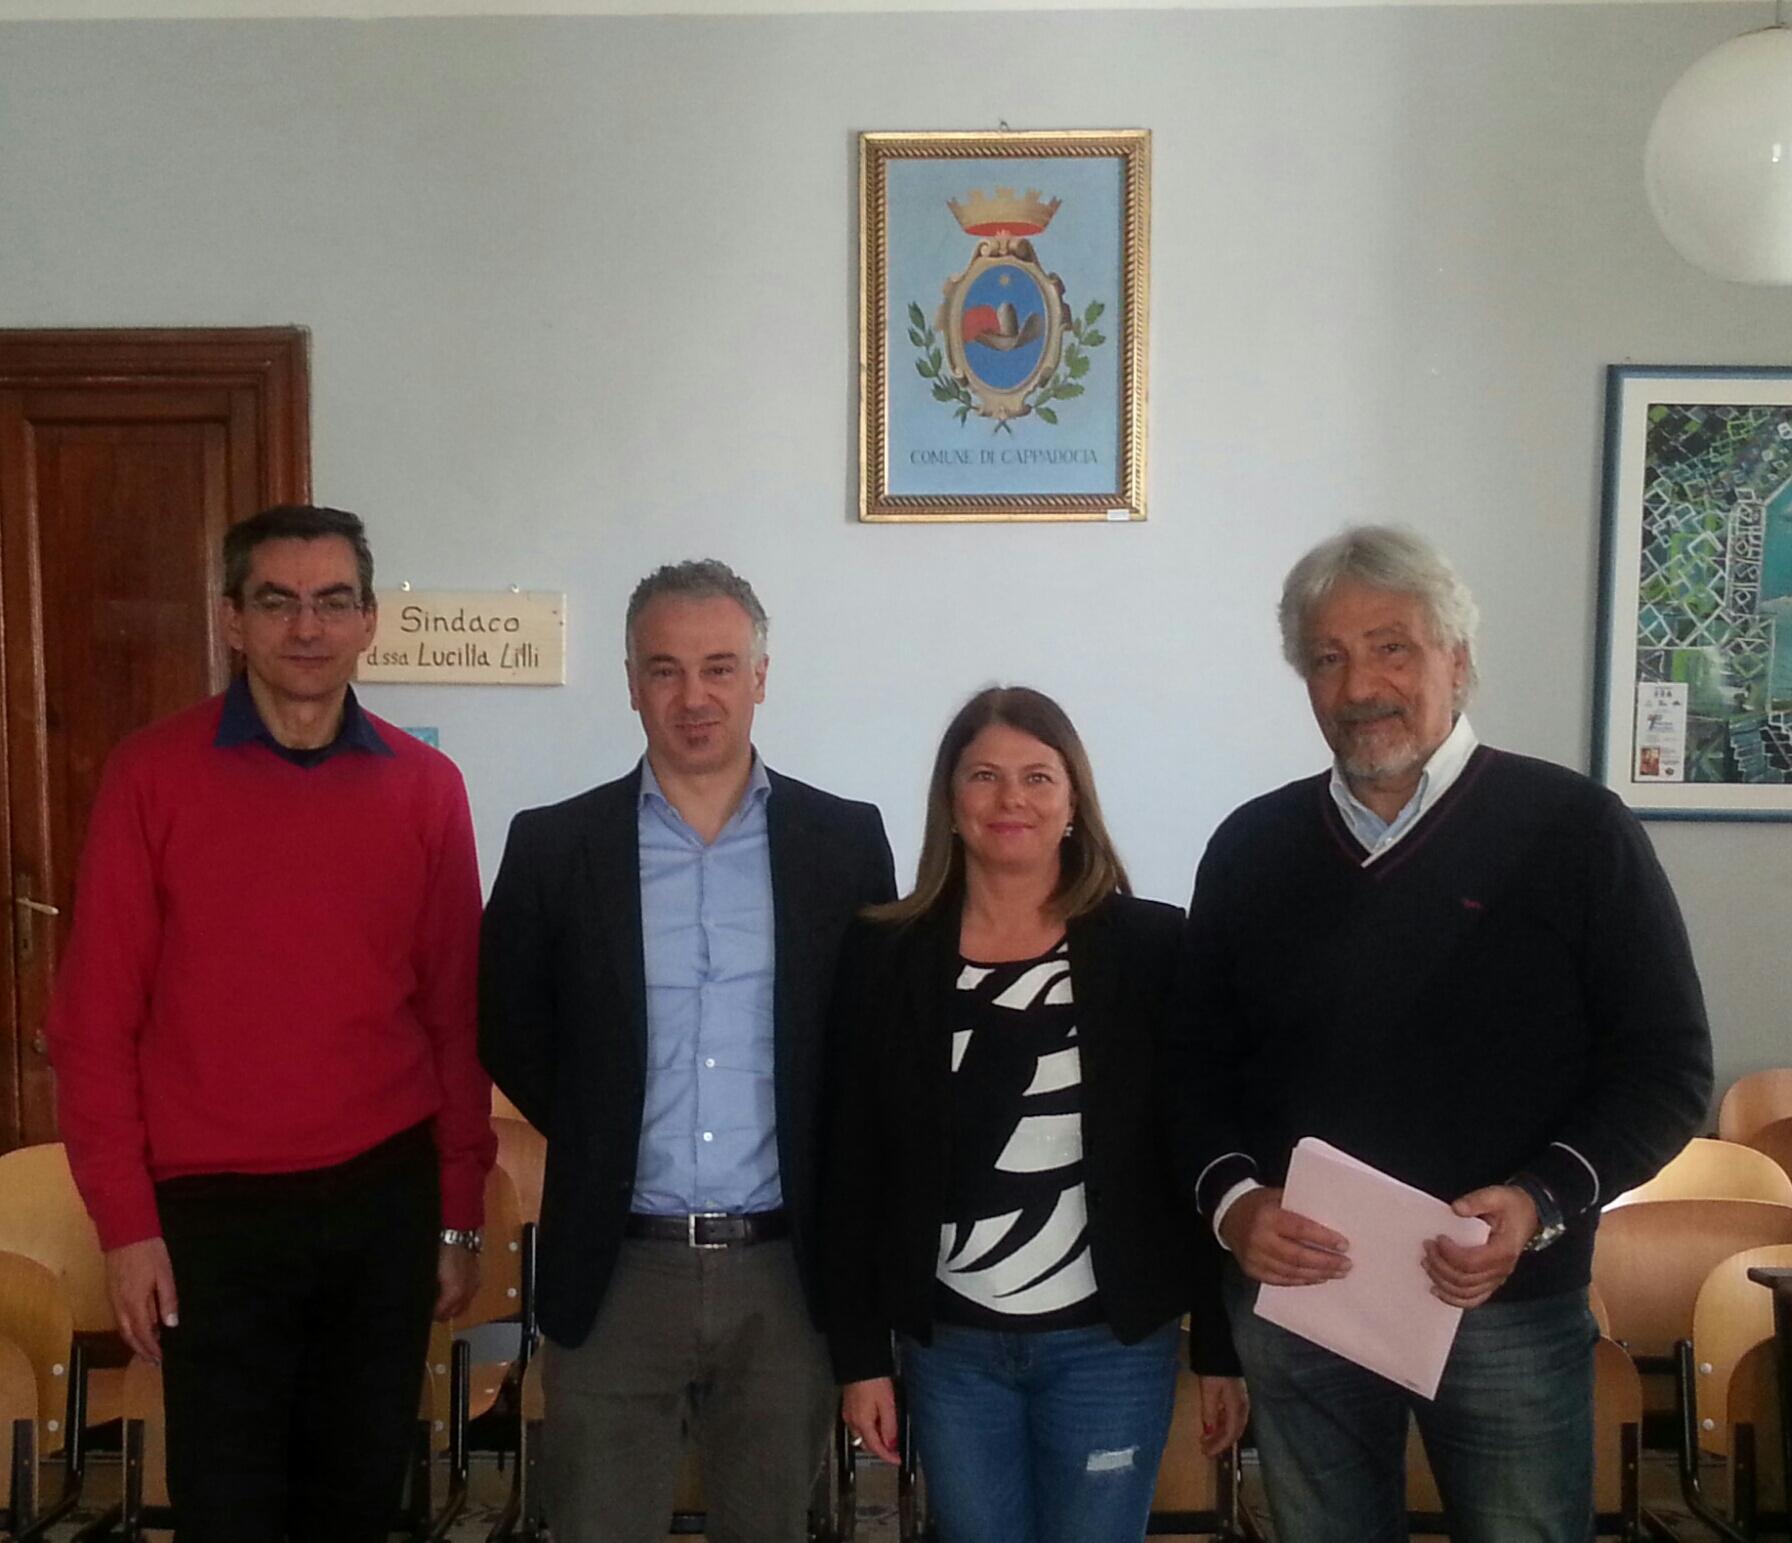 Al via i lavori di rinnovamento dell'impianto sciistico di Camporotondo